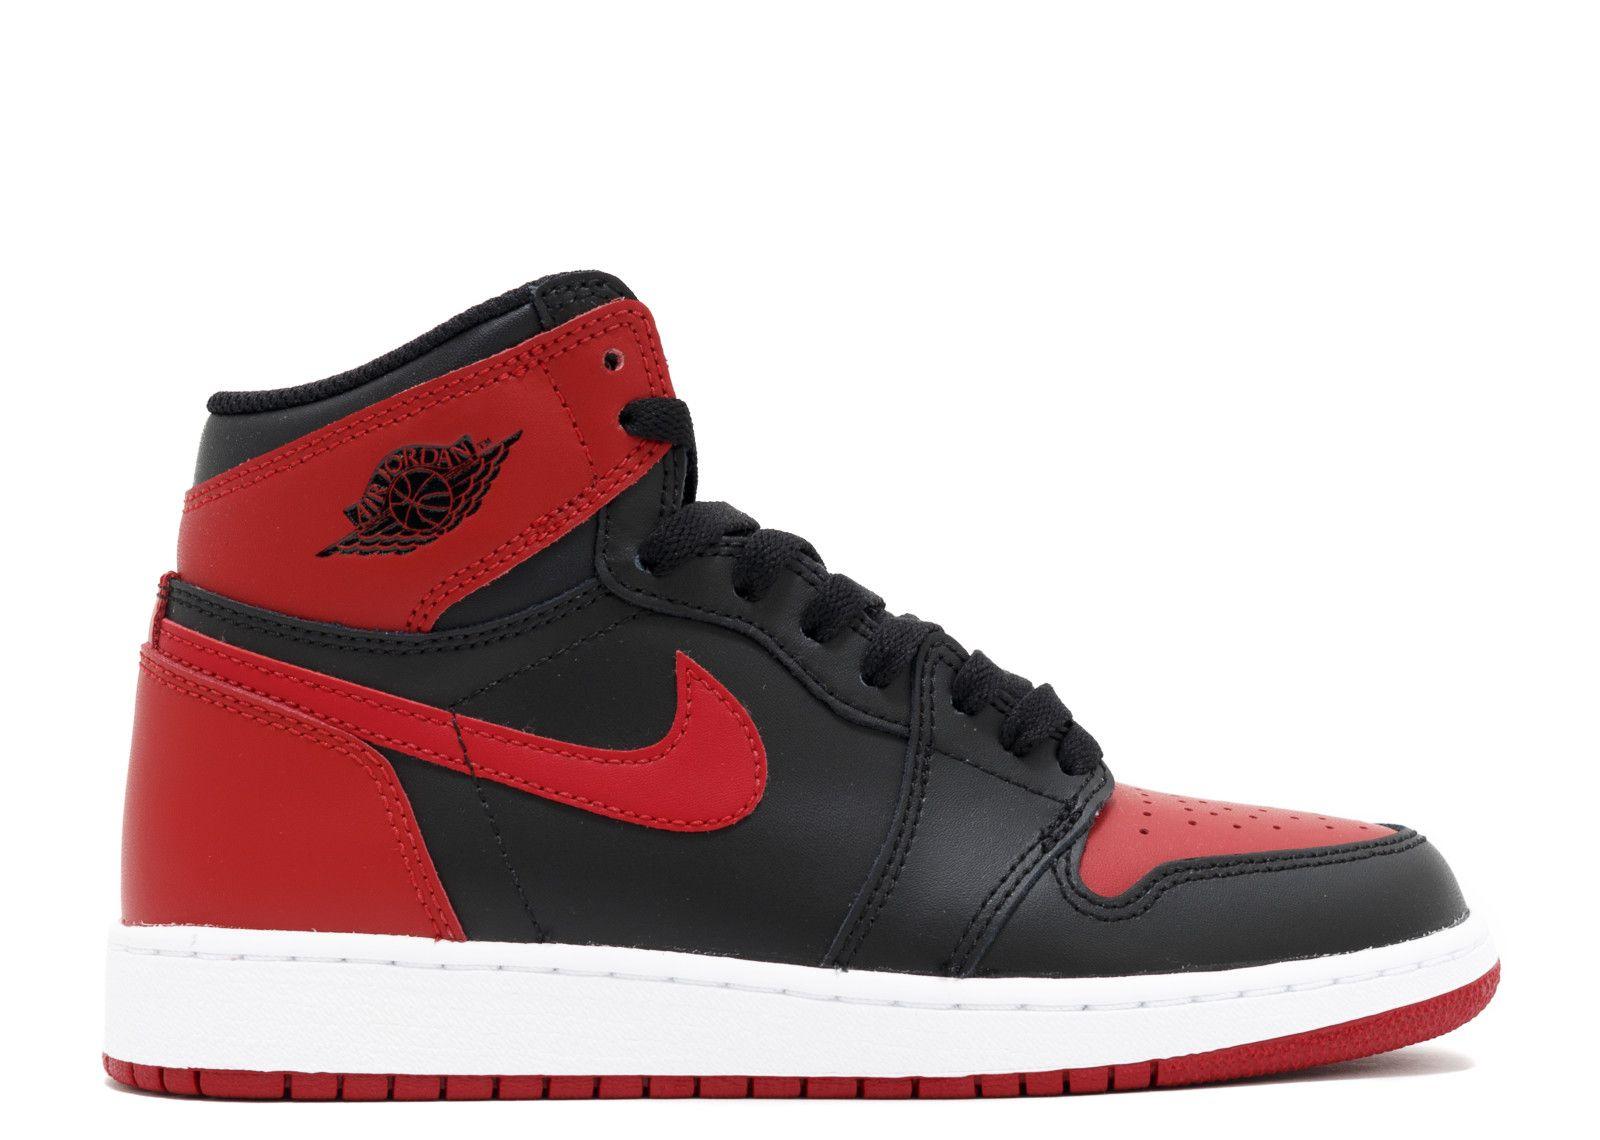 Nike Air Jordan Shoes,Air Jordan Retro Mens,Air Jordan